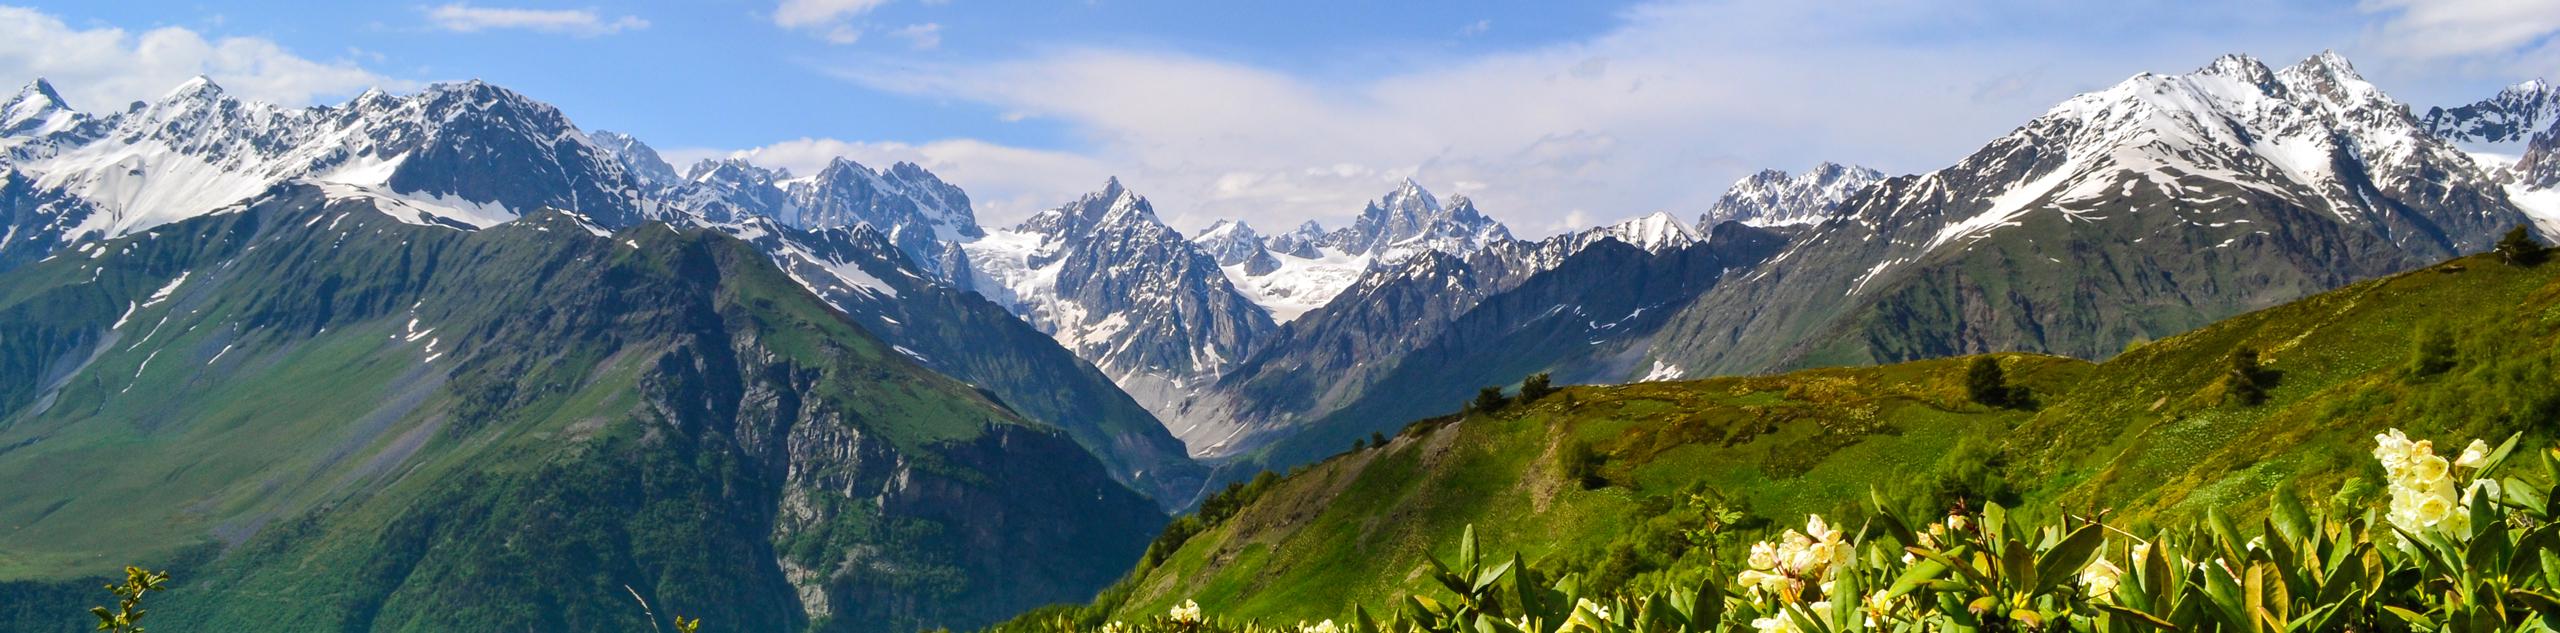 Trekking the Caucasus Range to the Black Sea